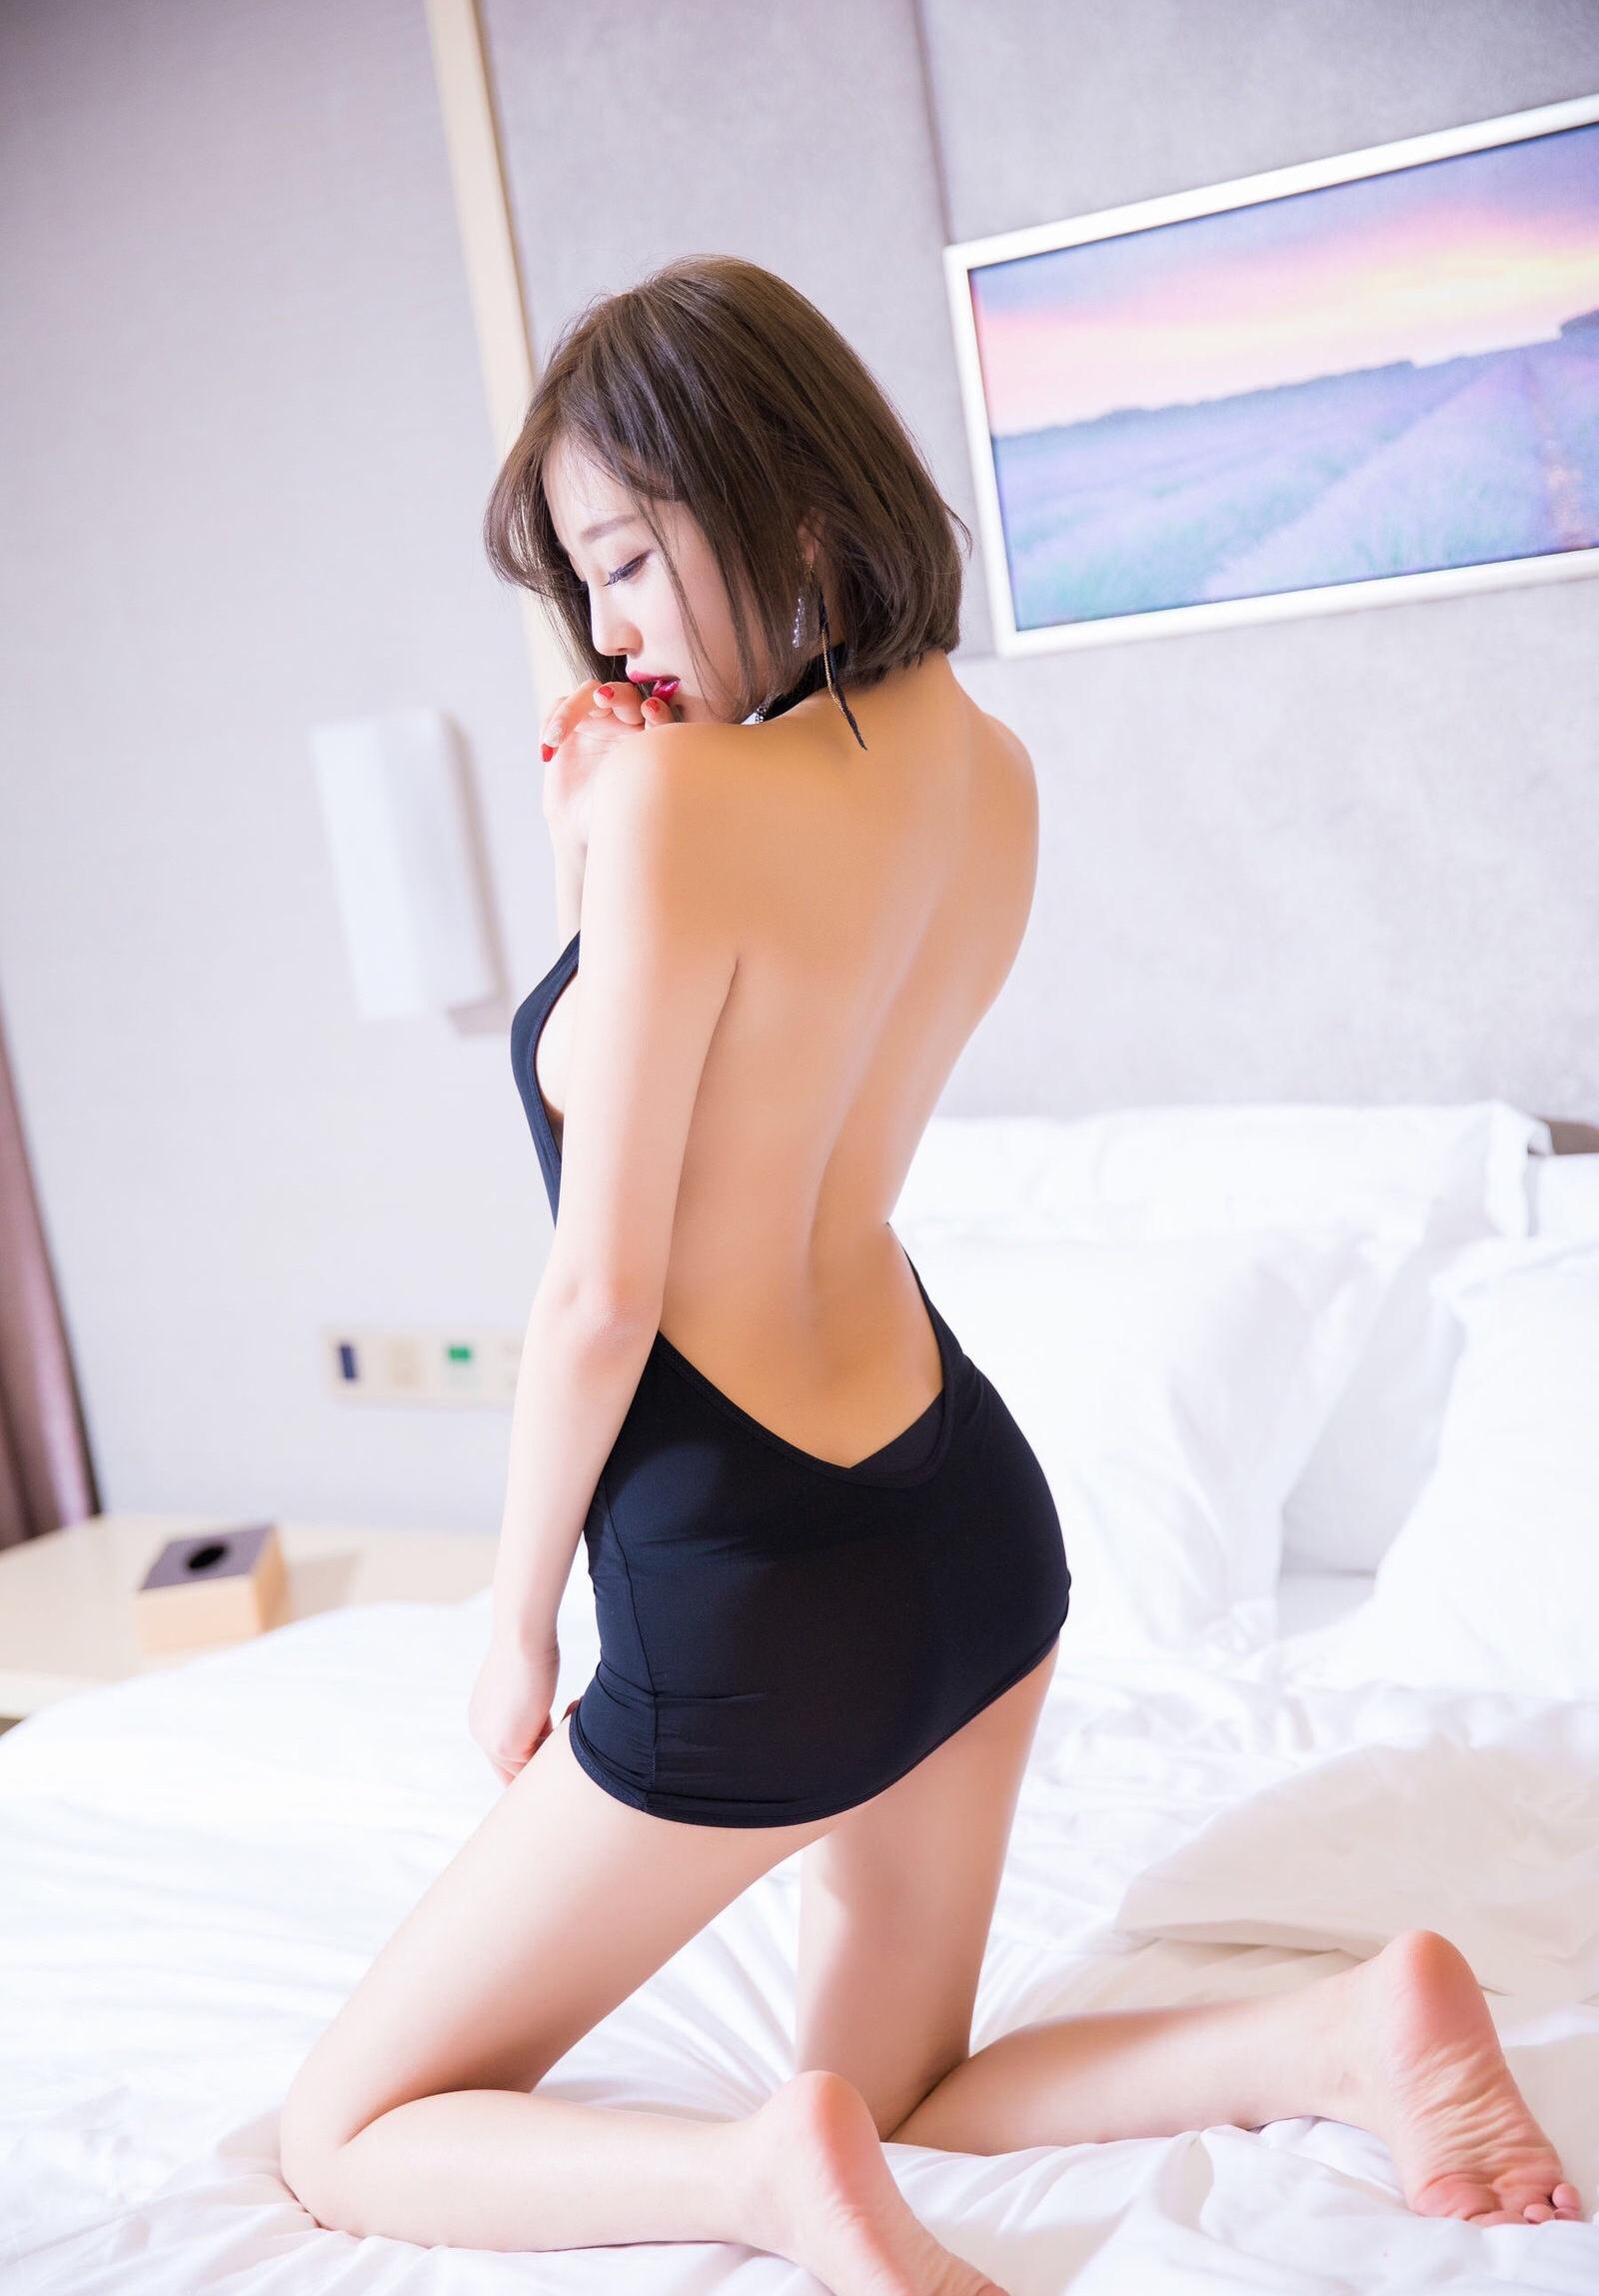 杨晨晨のセクシーすぎるボディコンドレス 7